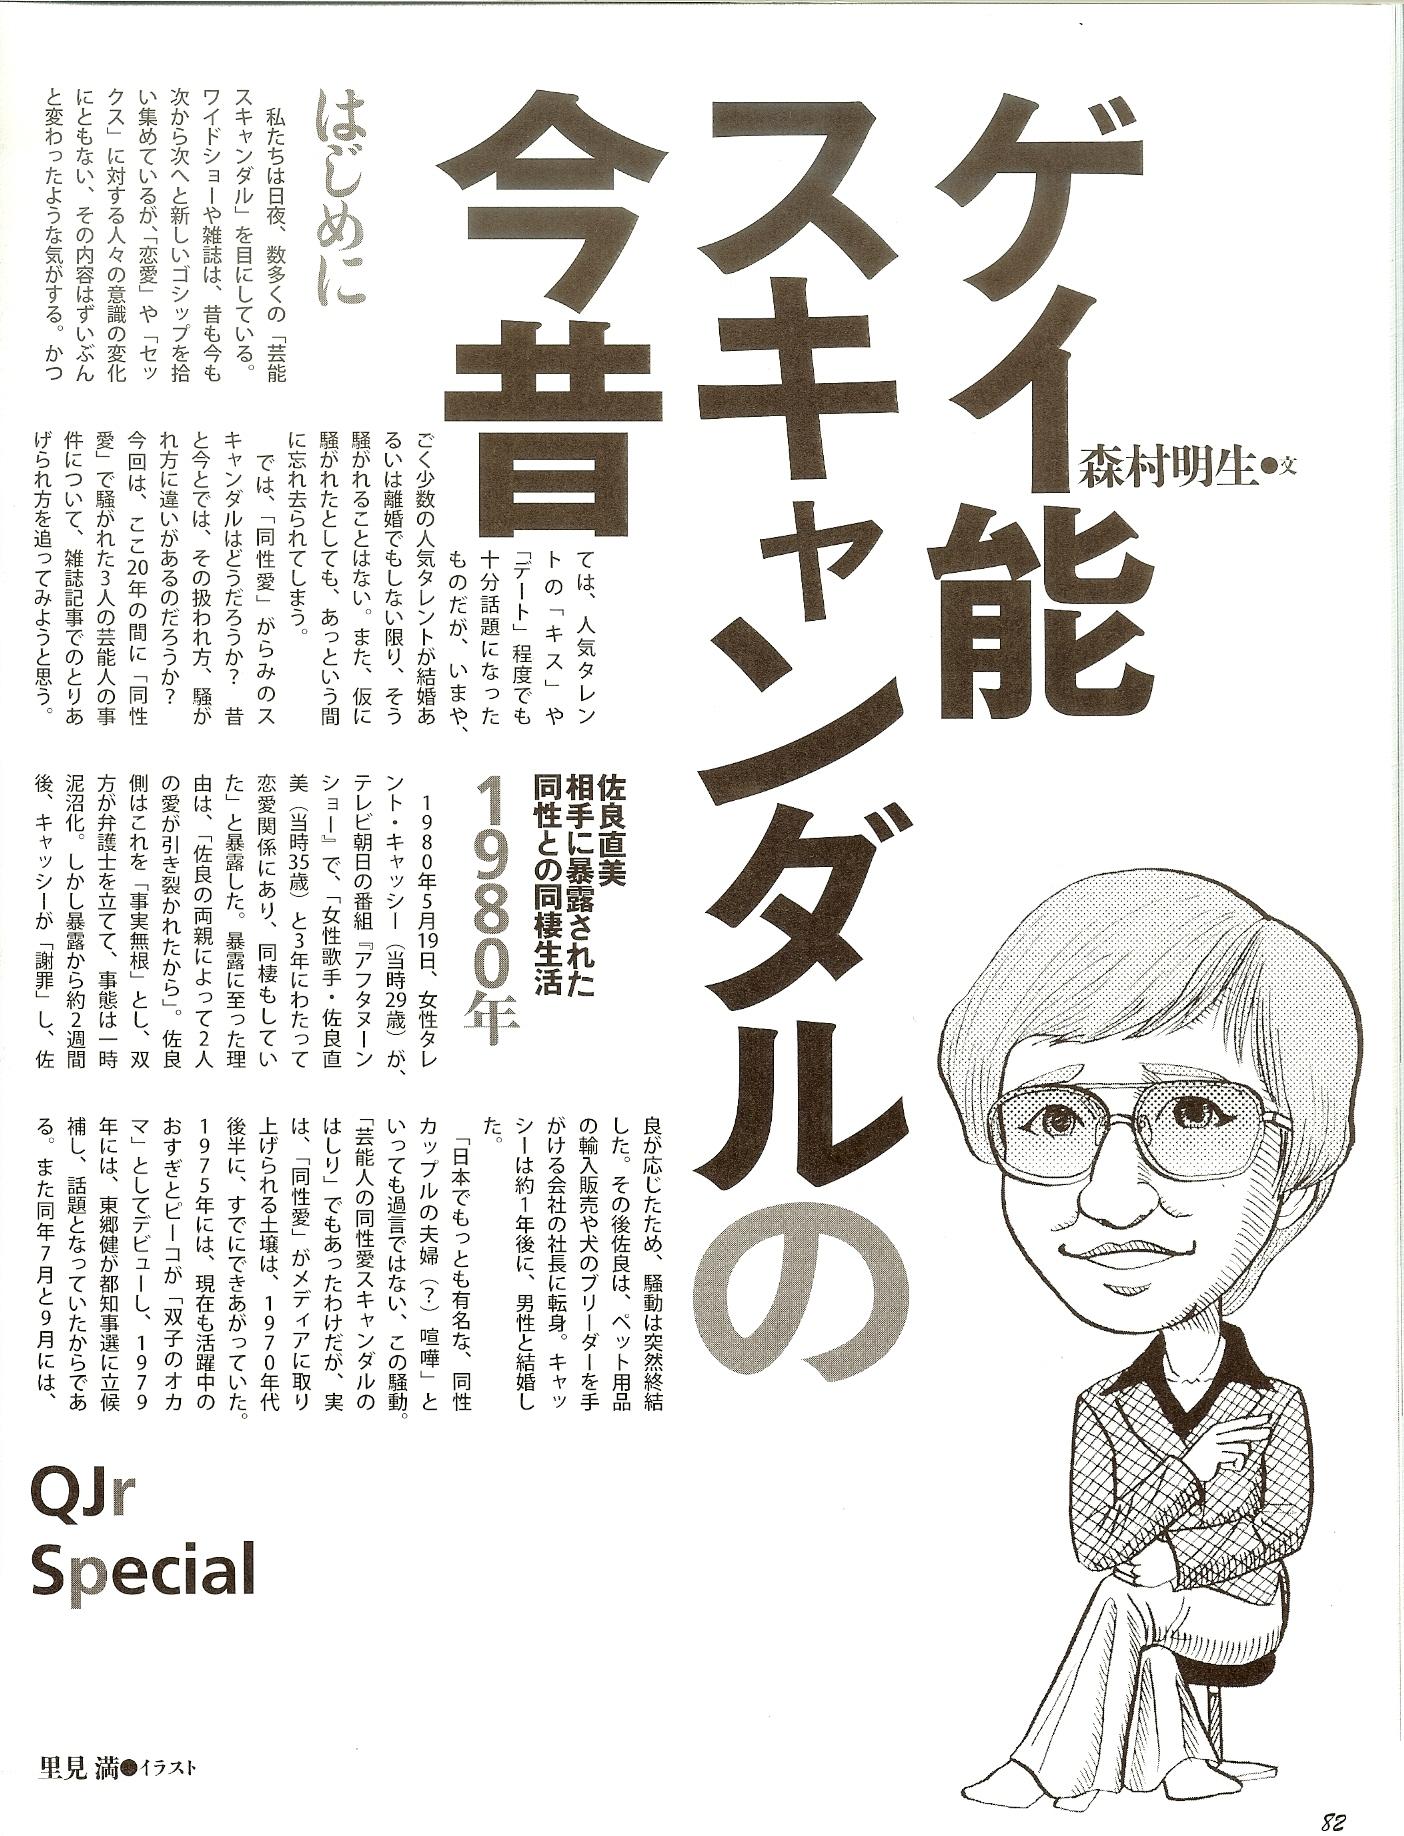 佐良 直美 キャッシー 【キャッシー暴露】佐良直美の実家↓息子+父親は?